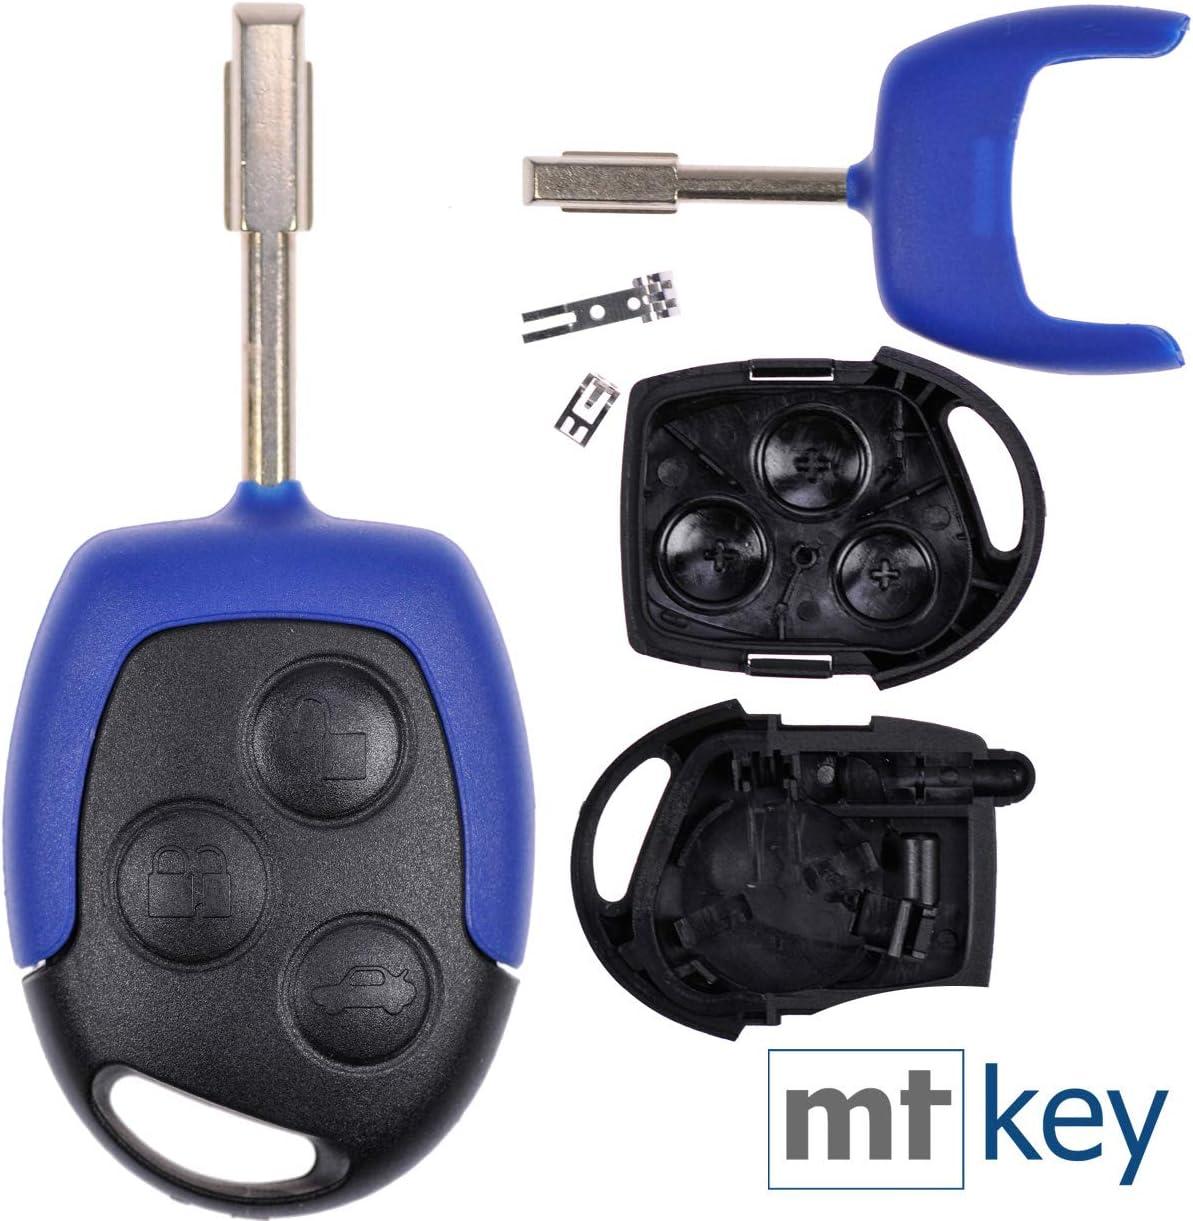 Auto Schlüssel Gehäuse Für Ford Transit Tourneo Connect Elektronik